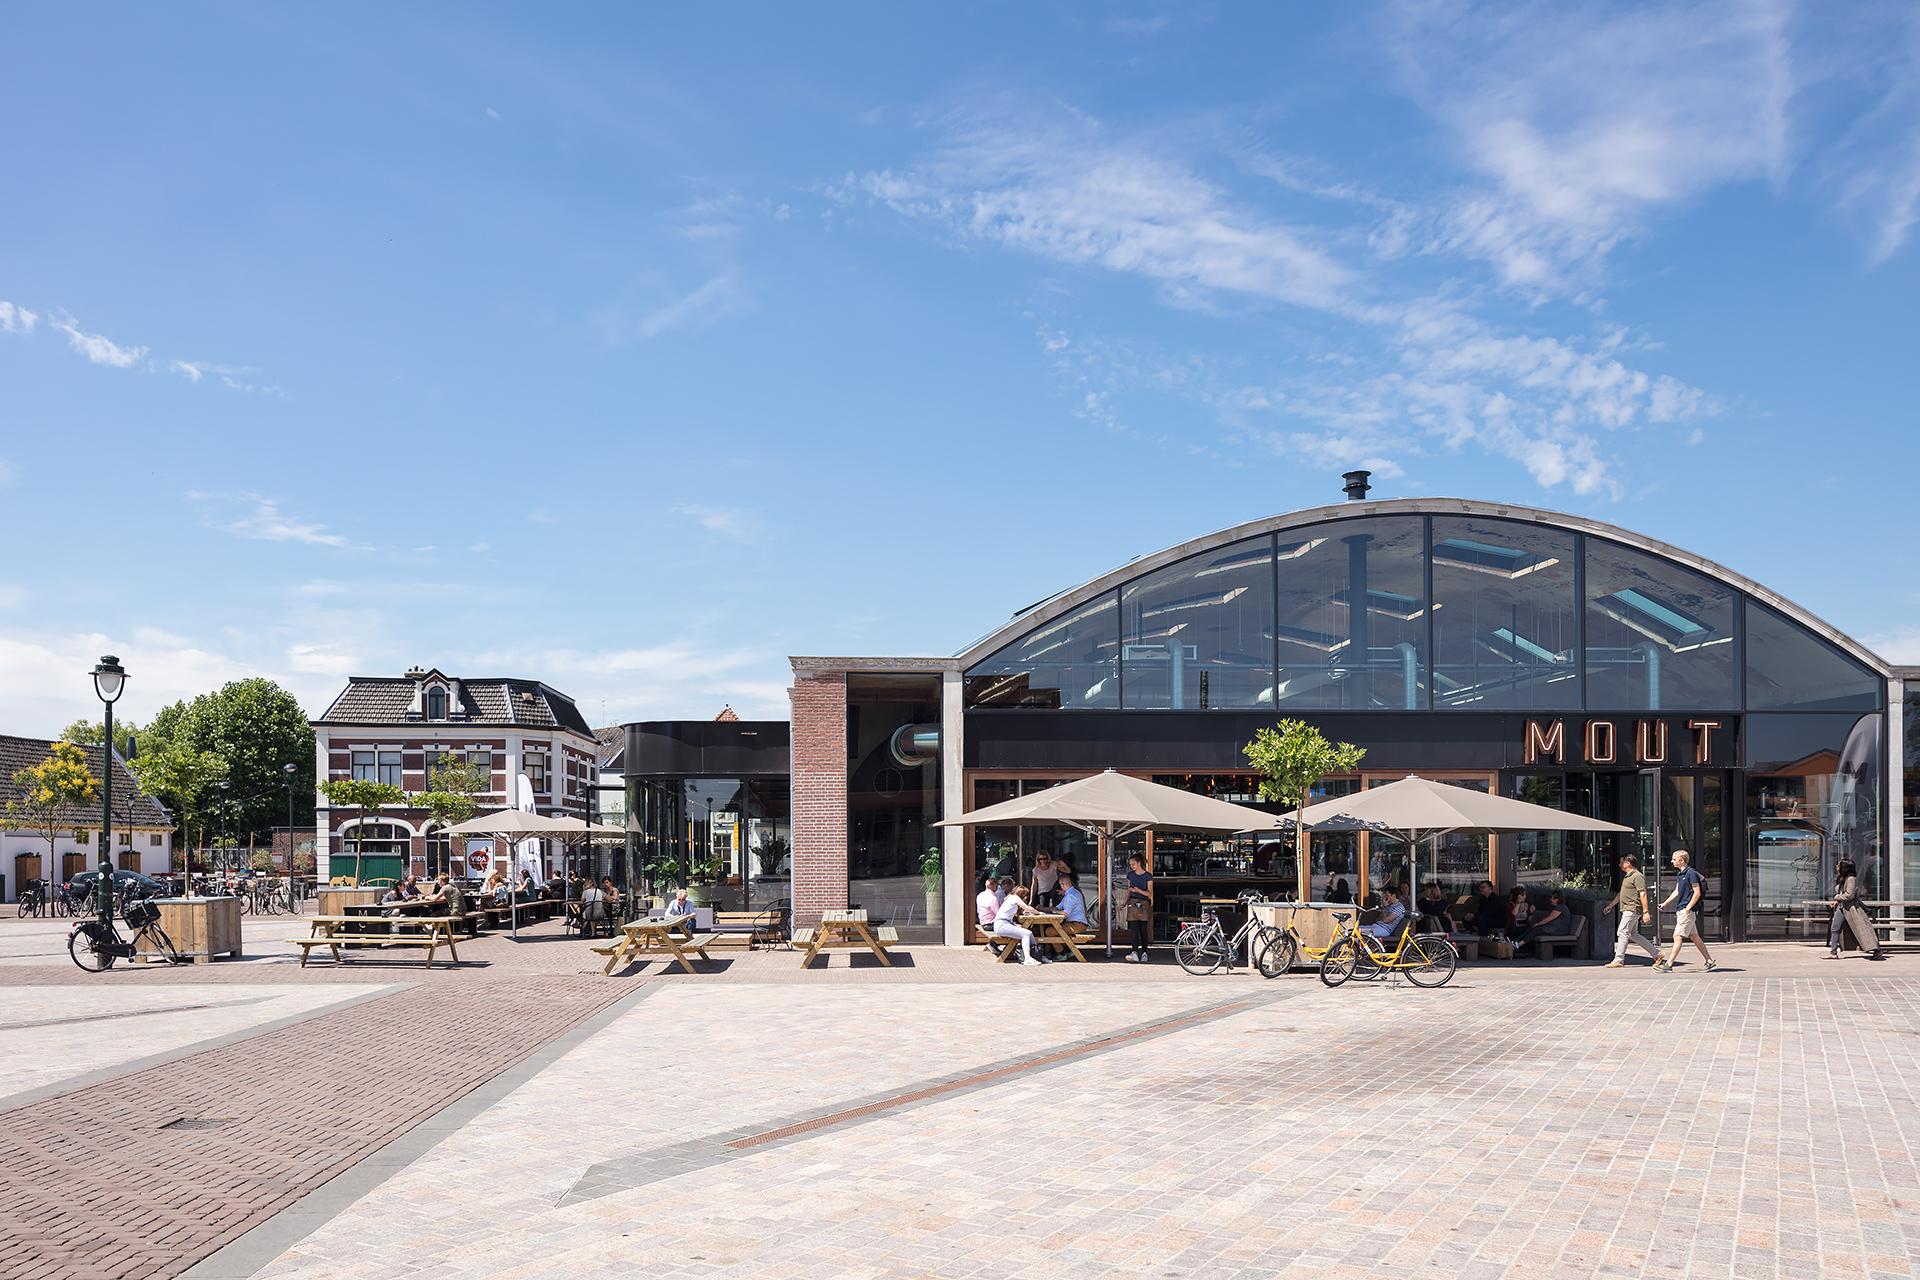 SP2017-MOUT-Hilversum-11-HiRes